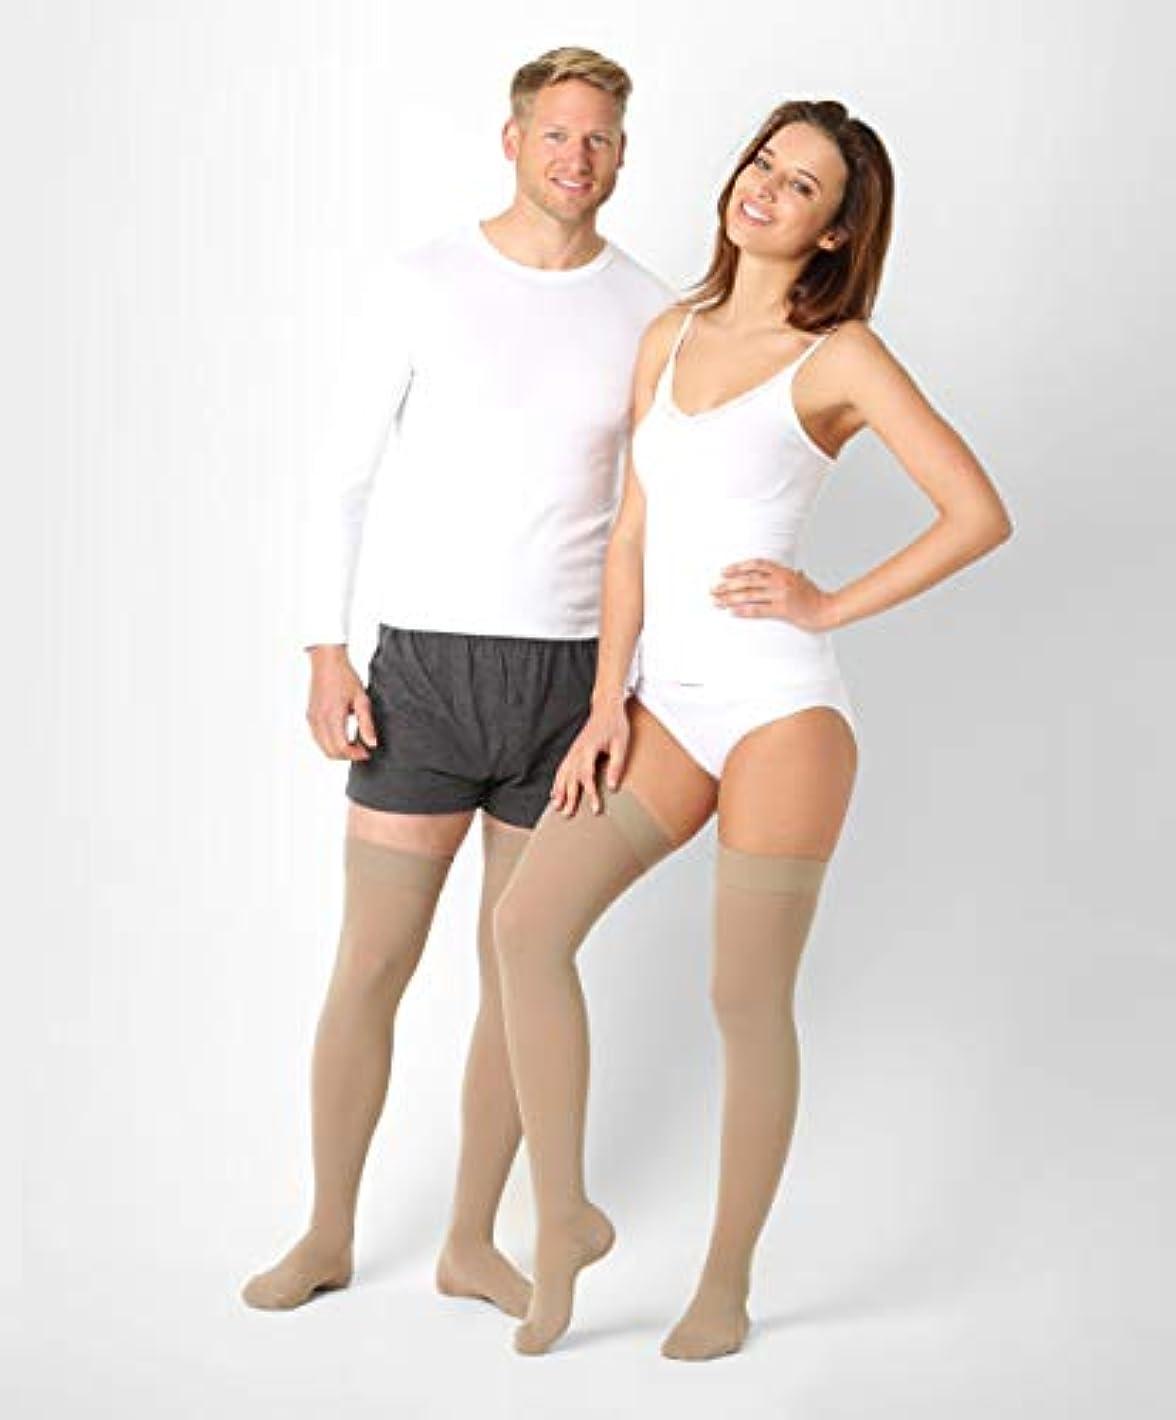 全能王女感動するBeFit24 医療用着圧ストッキング クラス 2 (23-32 mmHg) 男性?女性用 ー あらゆるラ イフスタイルのニーズに対応 ー ヨーロッパ製 Medium Beige 2rost